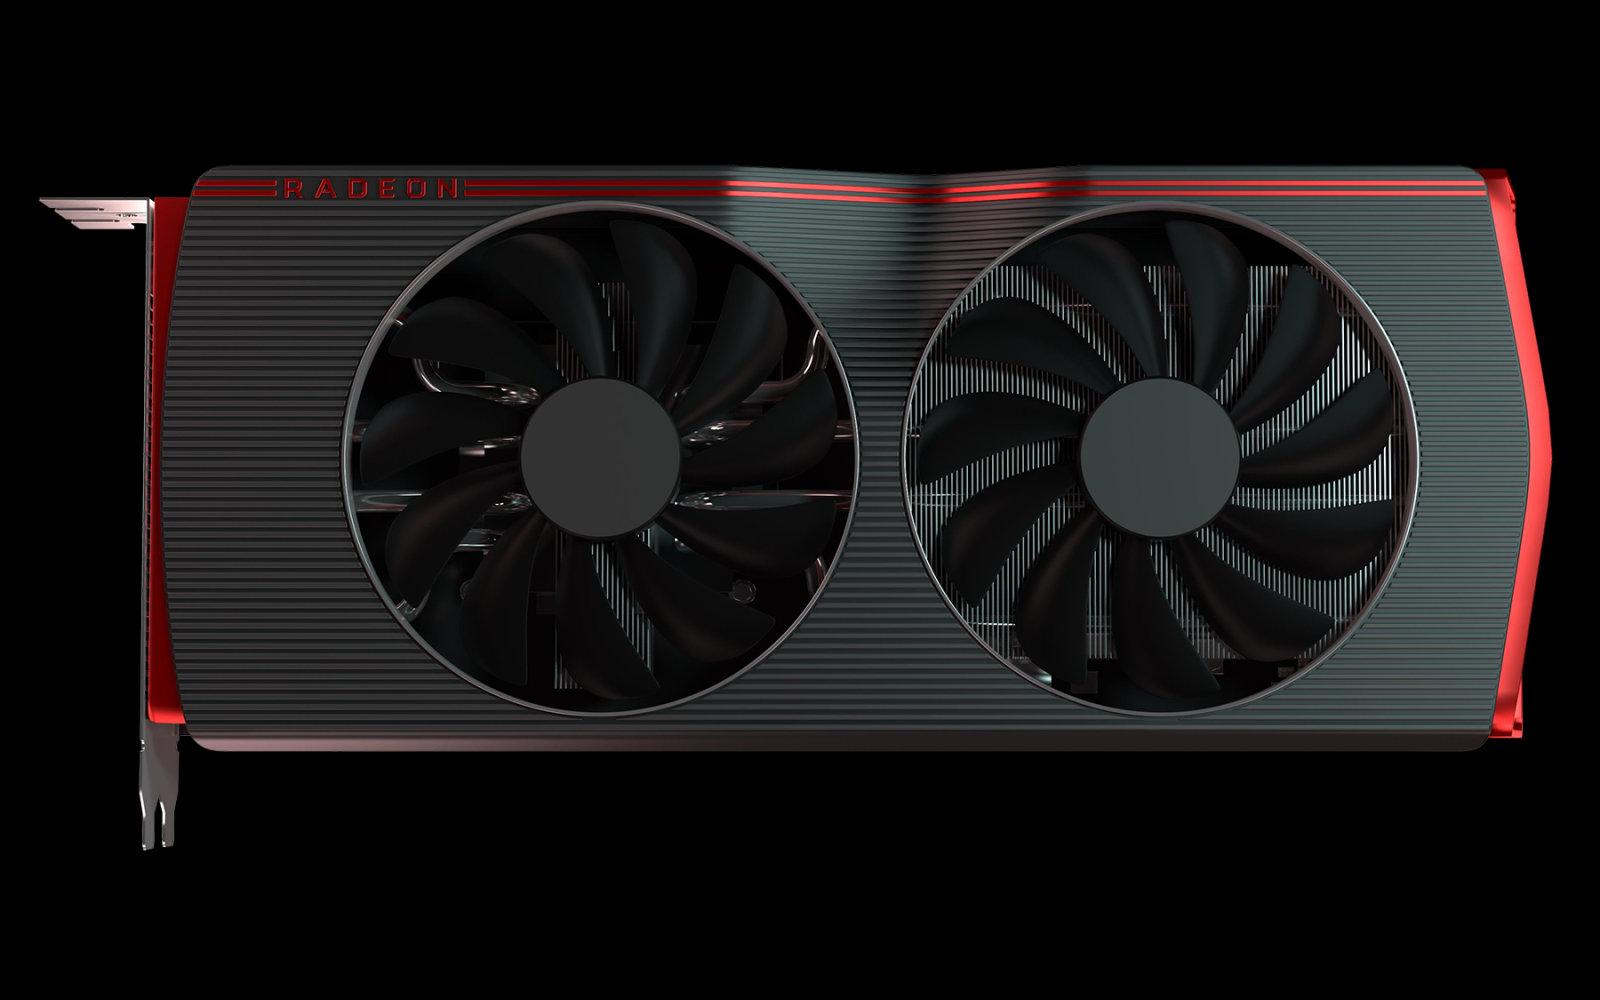 【PS5】AMD、Radeon RX5600XTを発表!7.19TFで279ドルの超性能!